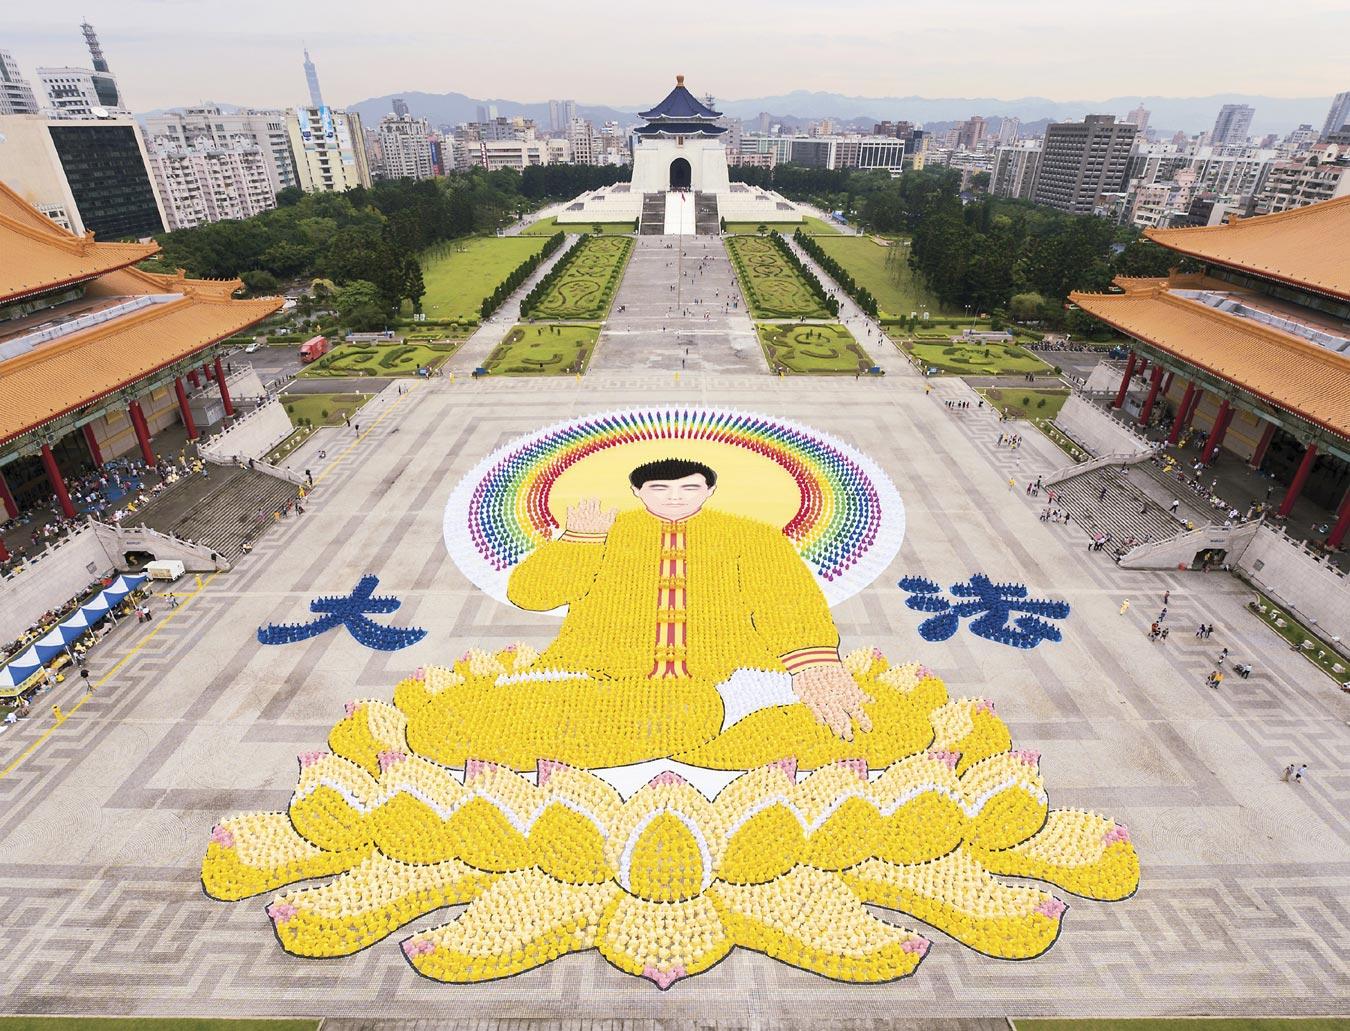 2012年4月29日,七千四百名法輪功學員在台北自由廣場,排出李洪志師父法像圖形。(明慧網)